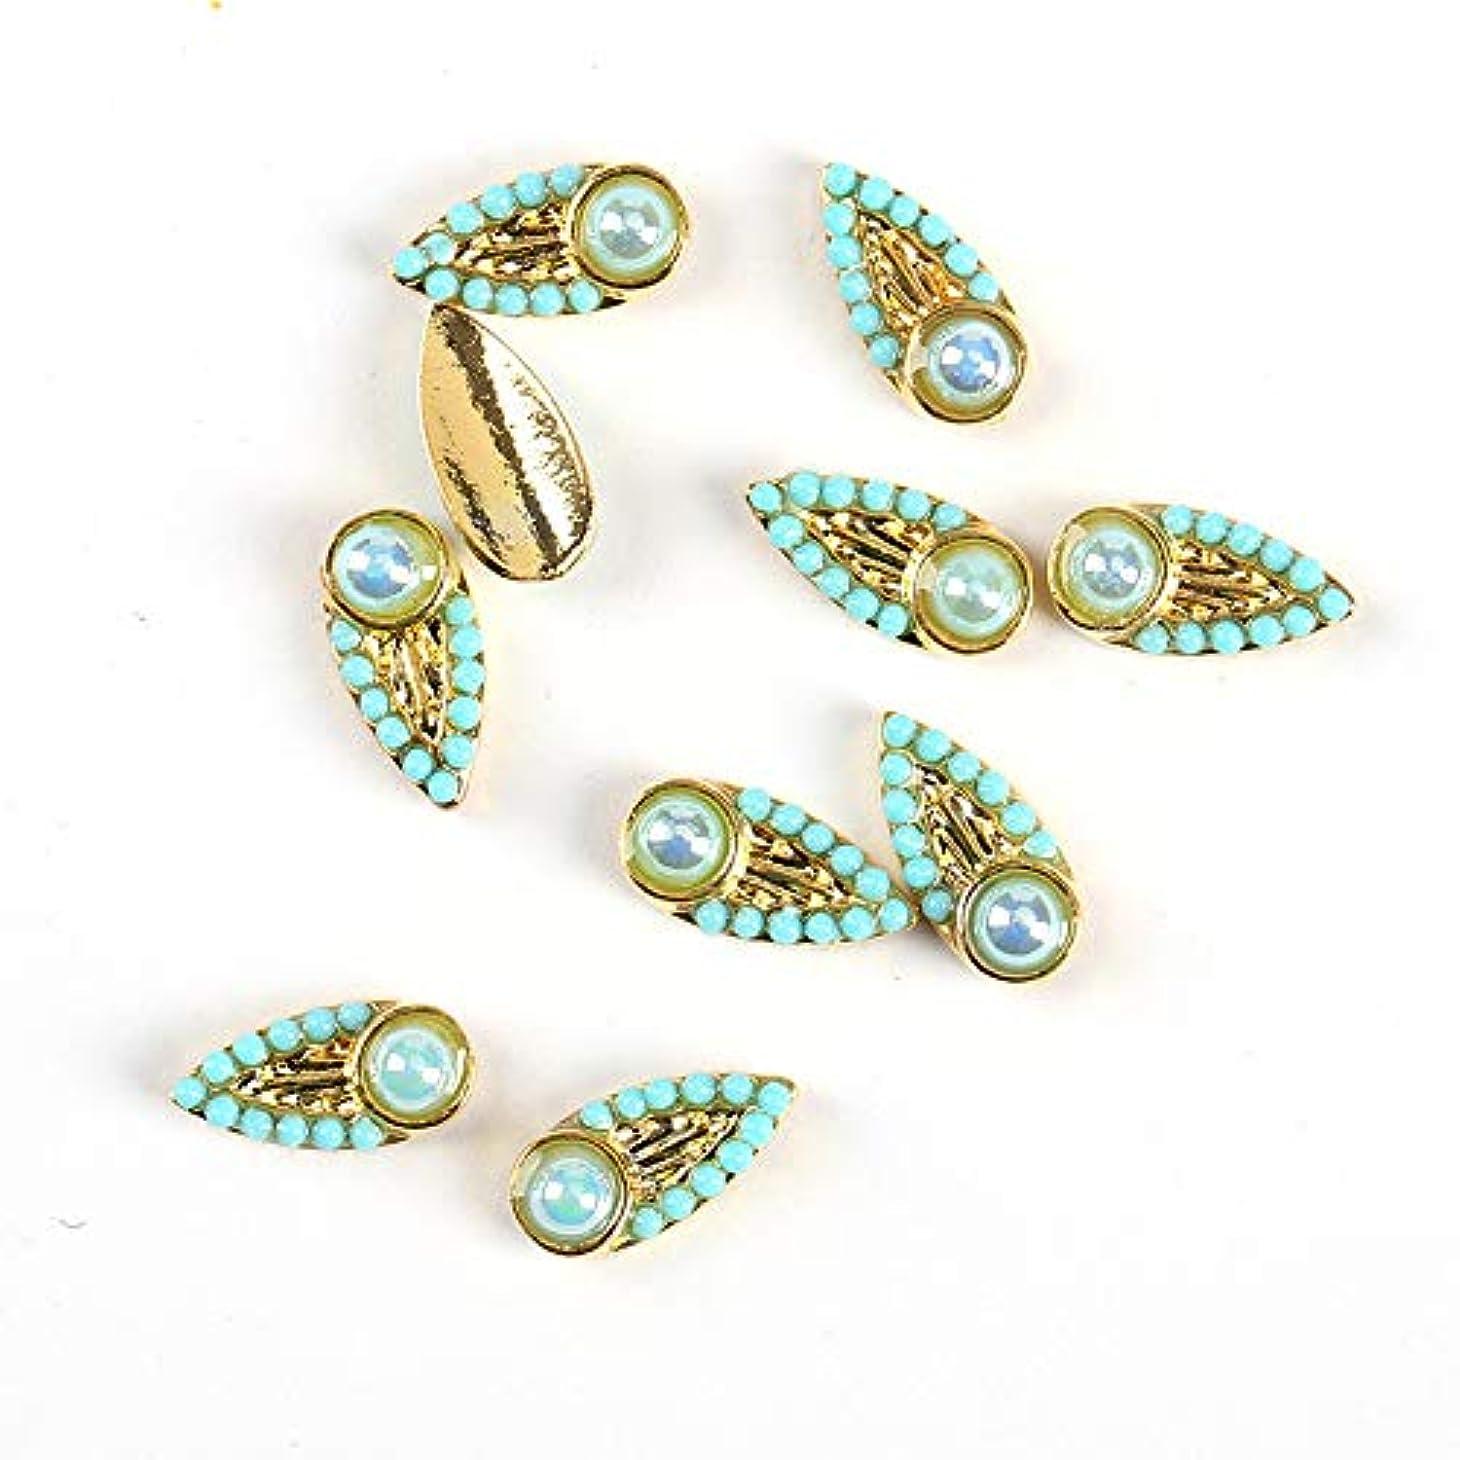 キャプチャー大きなスケールで見ると近代化ネイルズアクセサリー用10個入り/ロット3Dネイルアートの装飾ゴールドネイルスタッド象眼細工の宝石デザイン2色,1